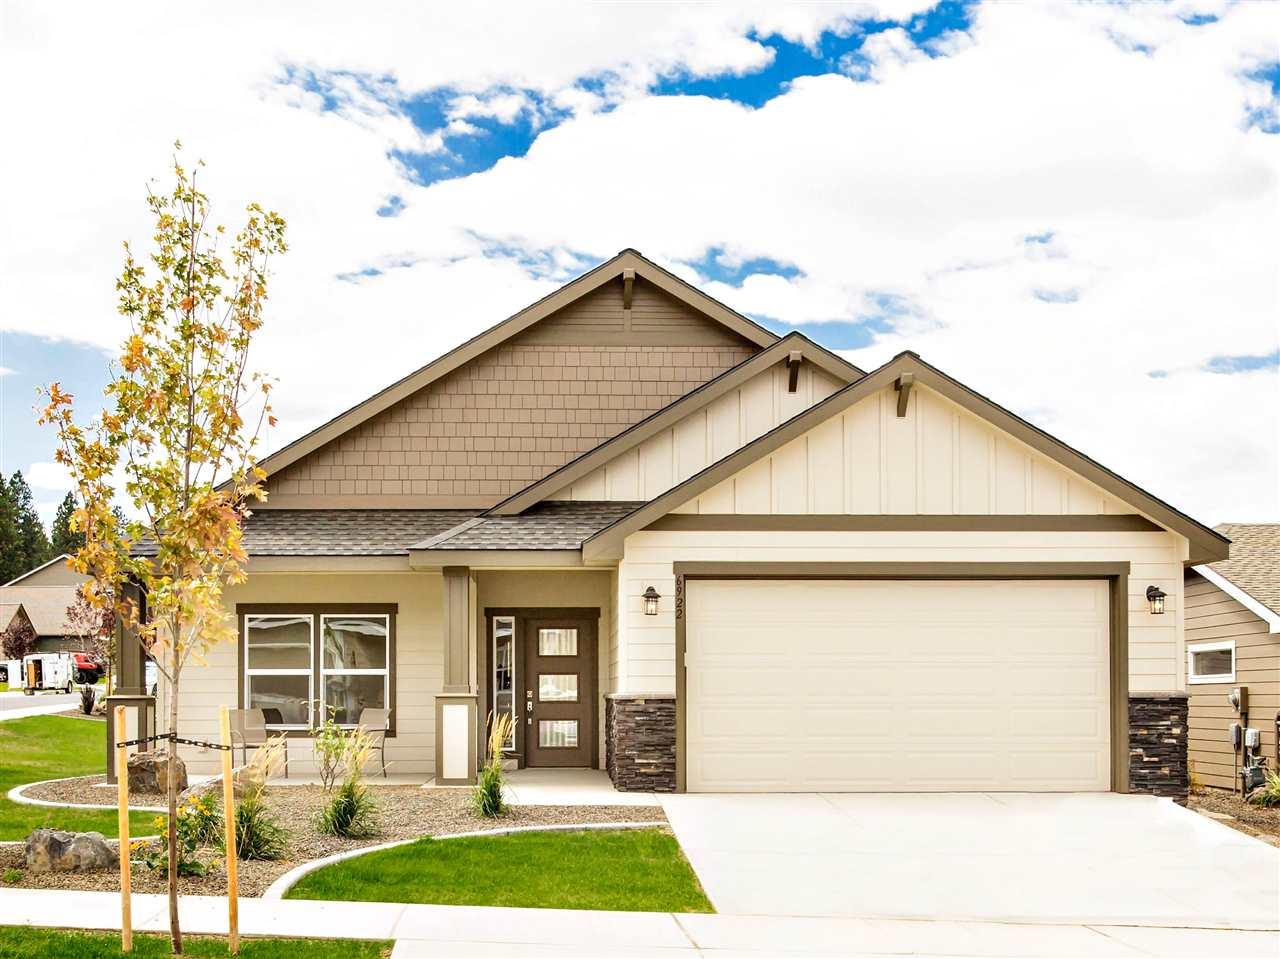 6922 S Park Ridge Blvd, Spokane, WA 99224